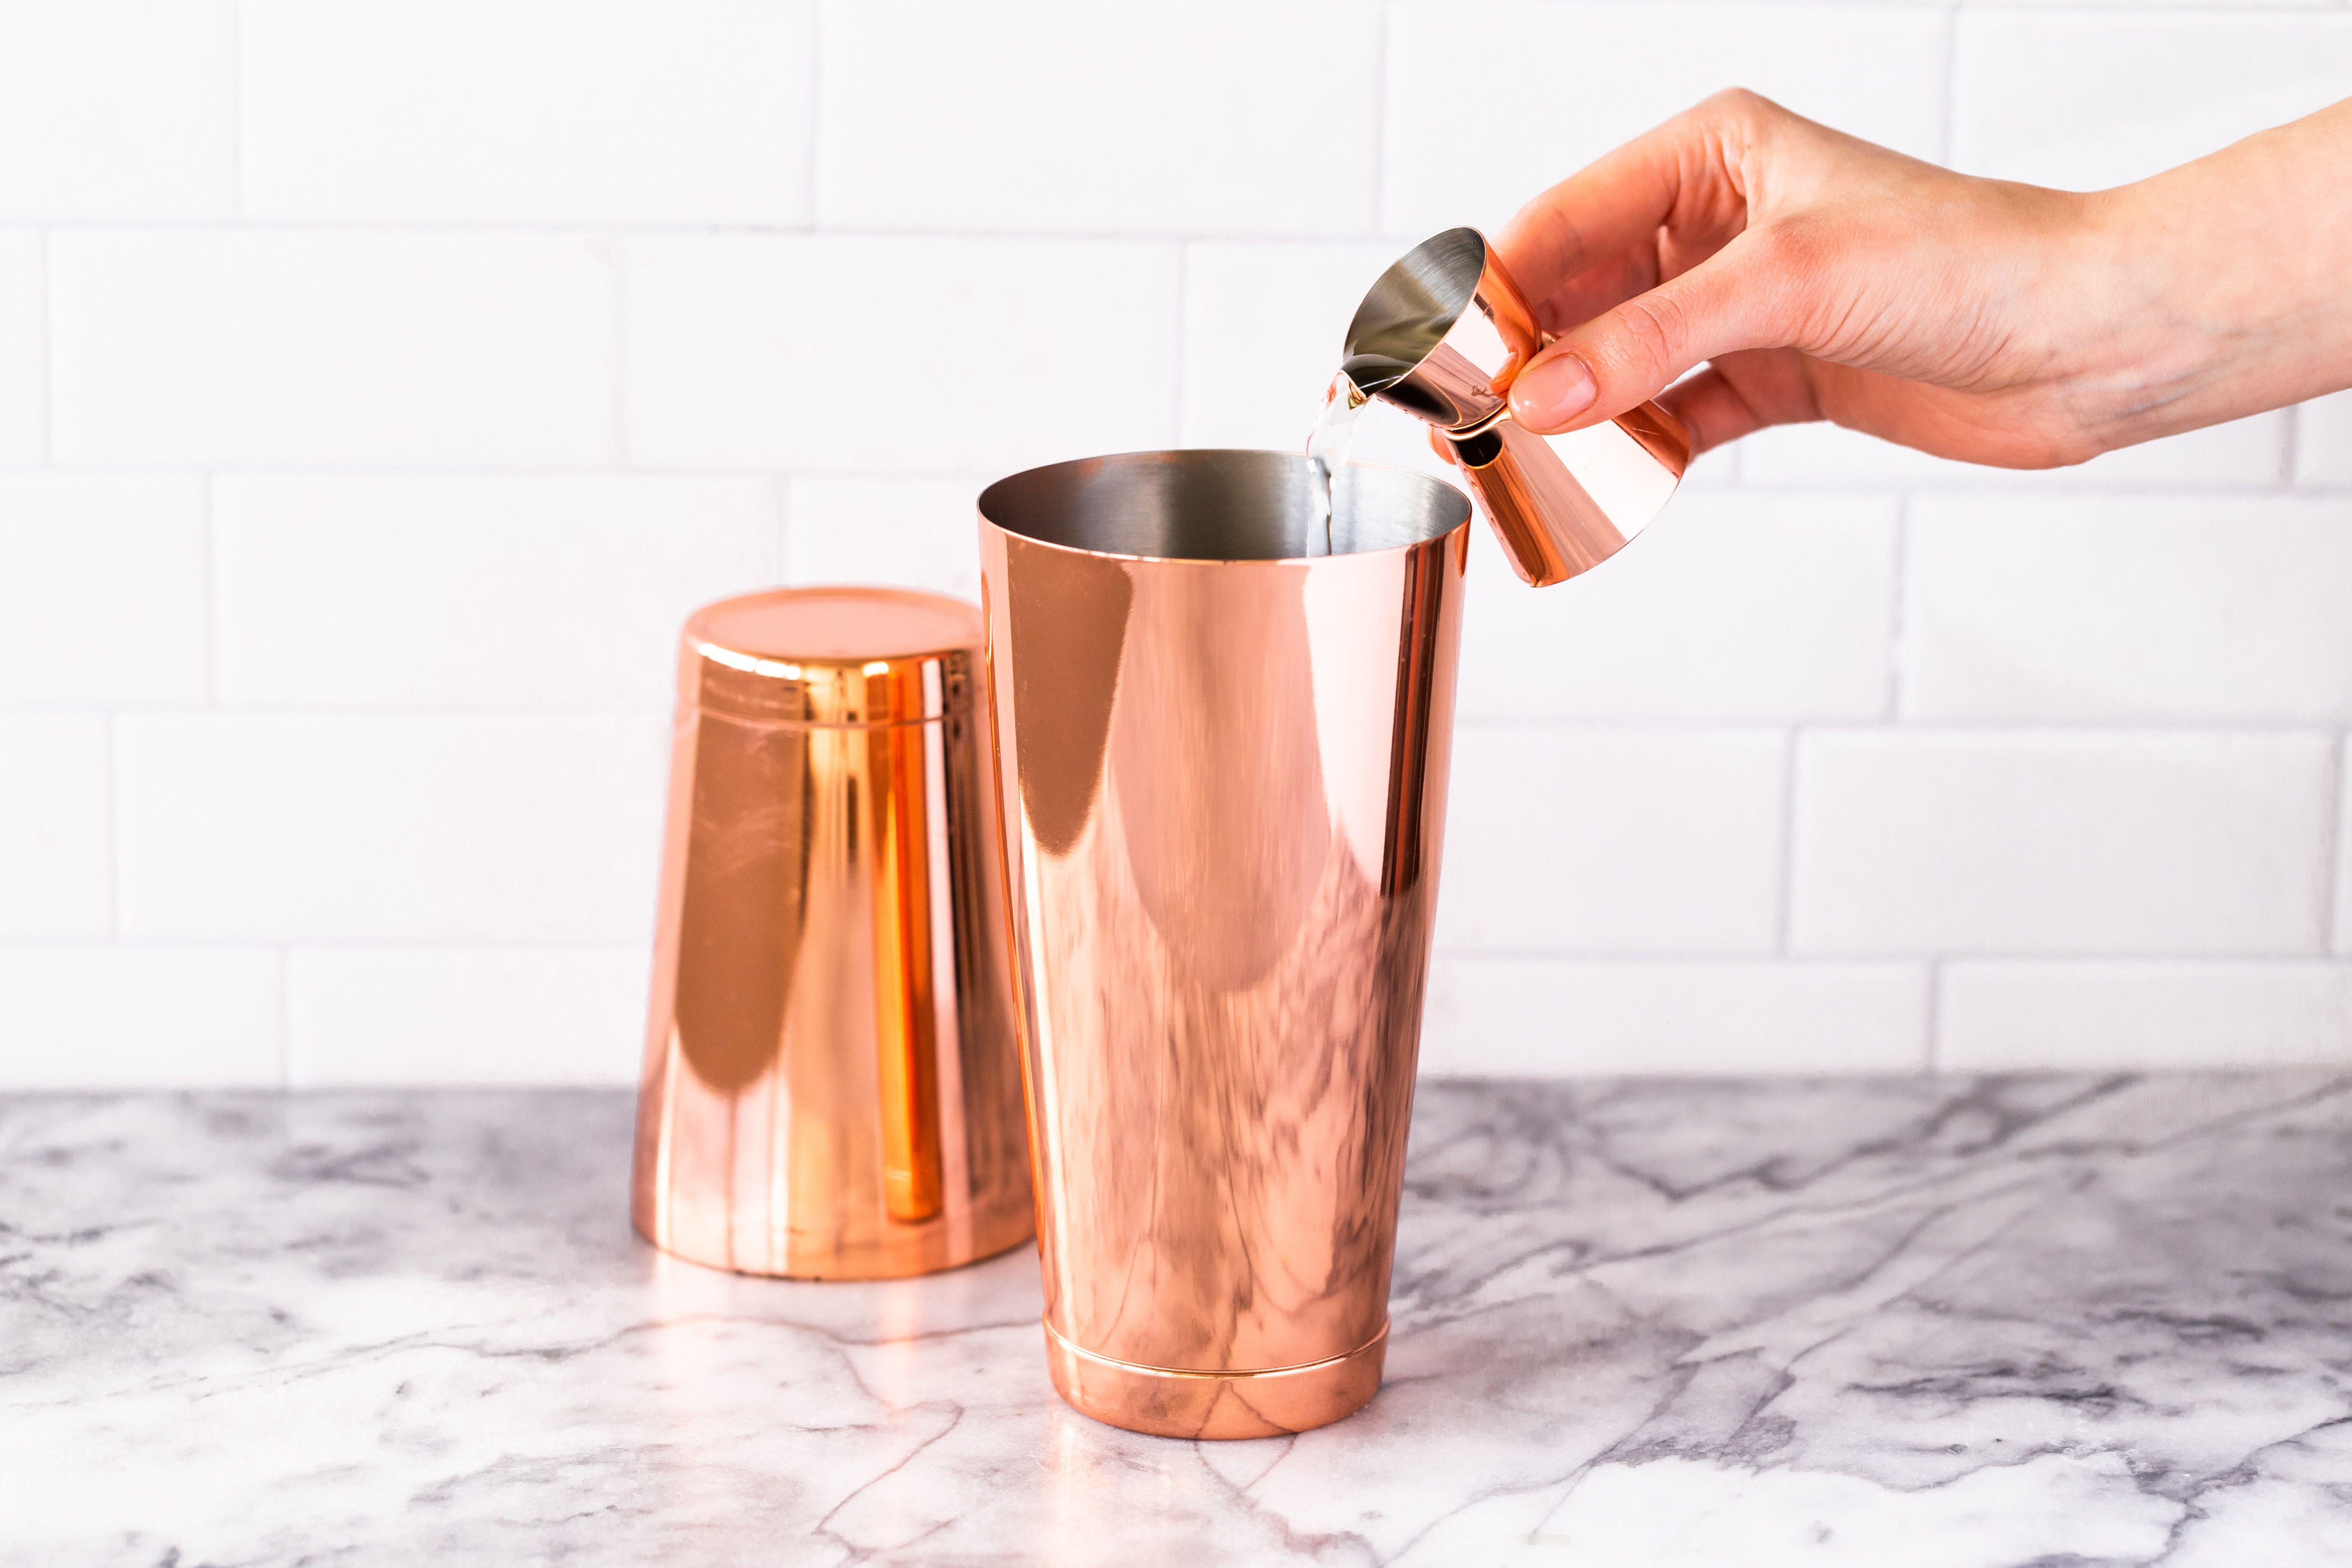 Pour vodka in shaker